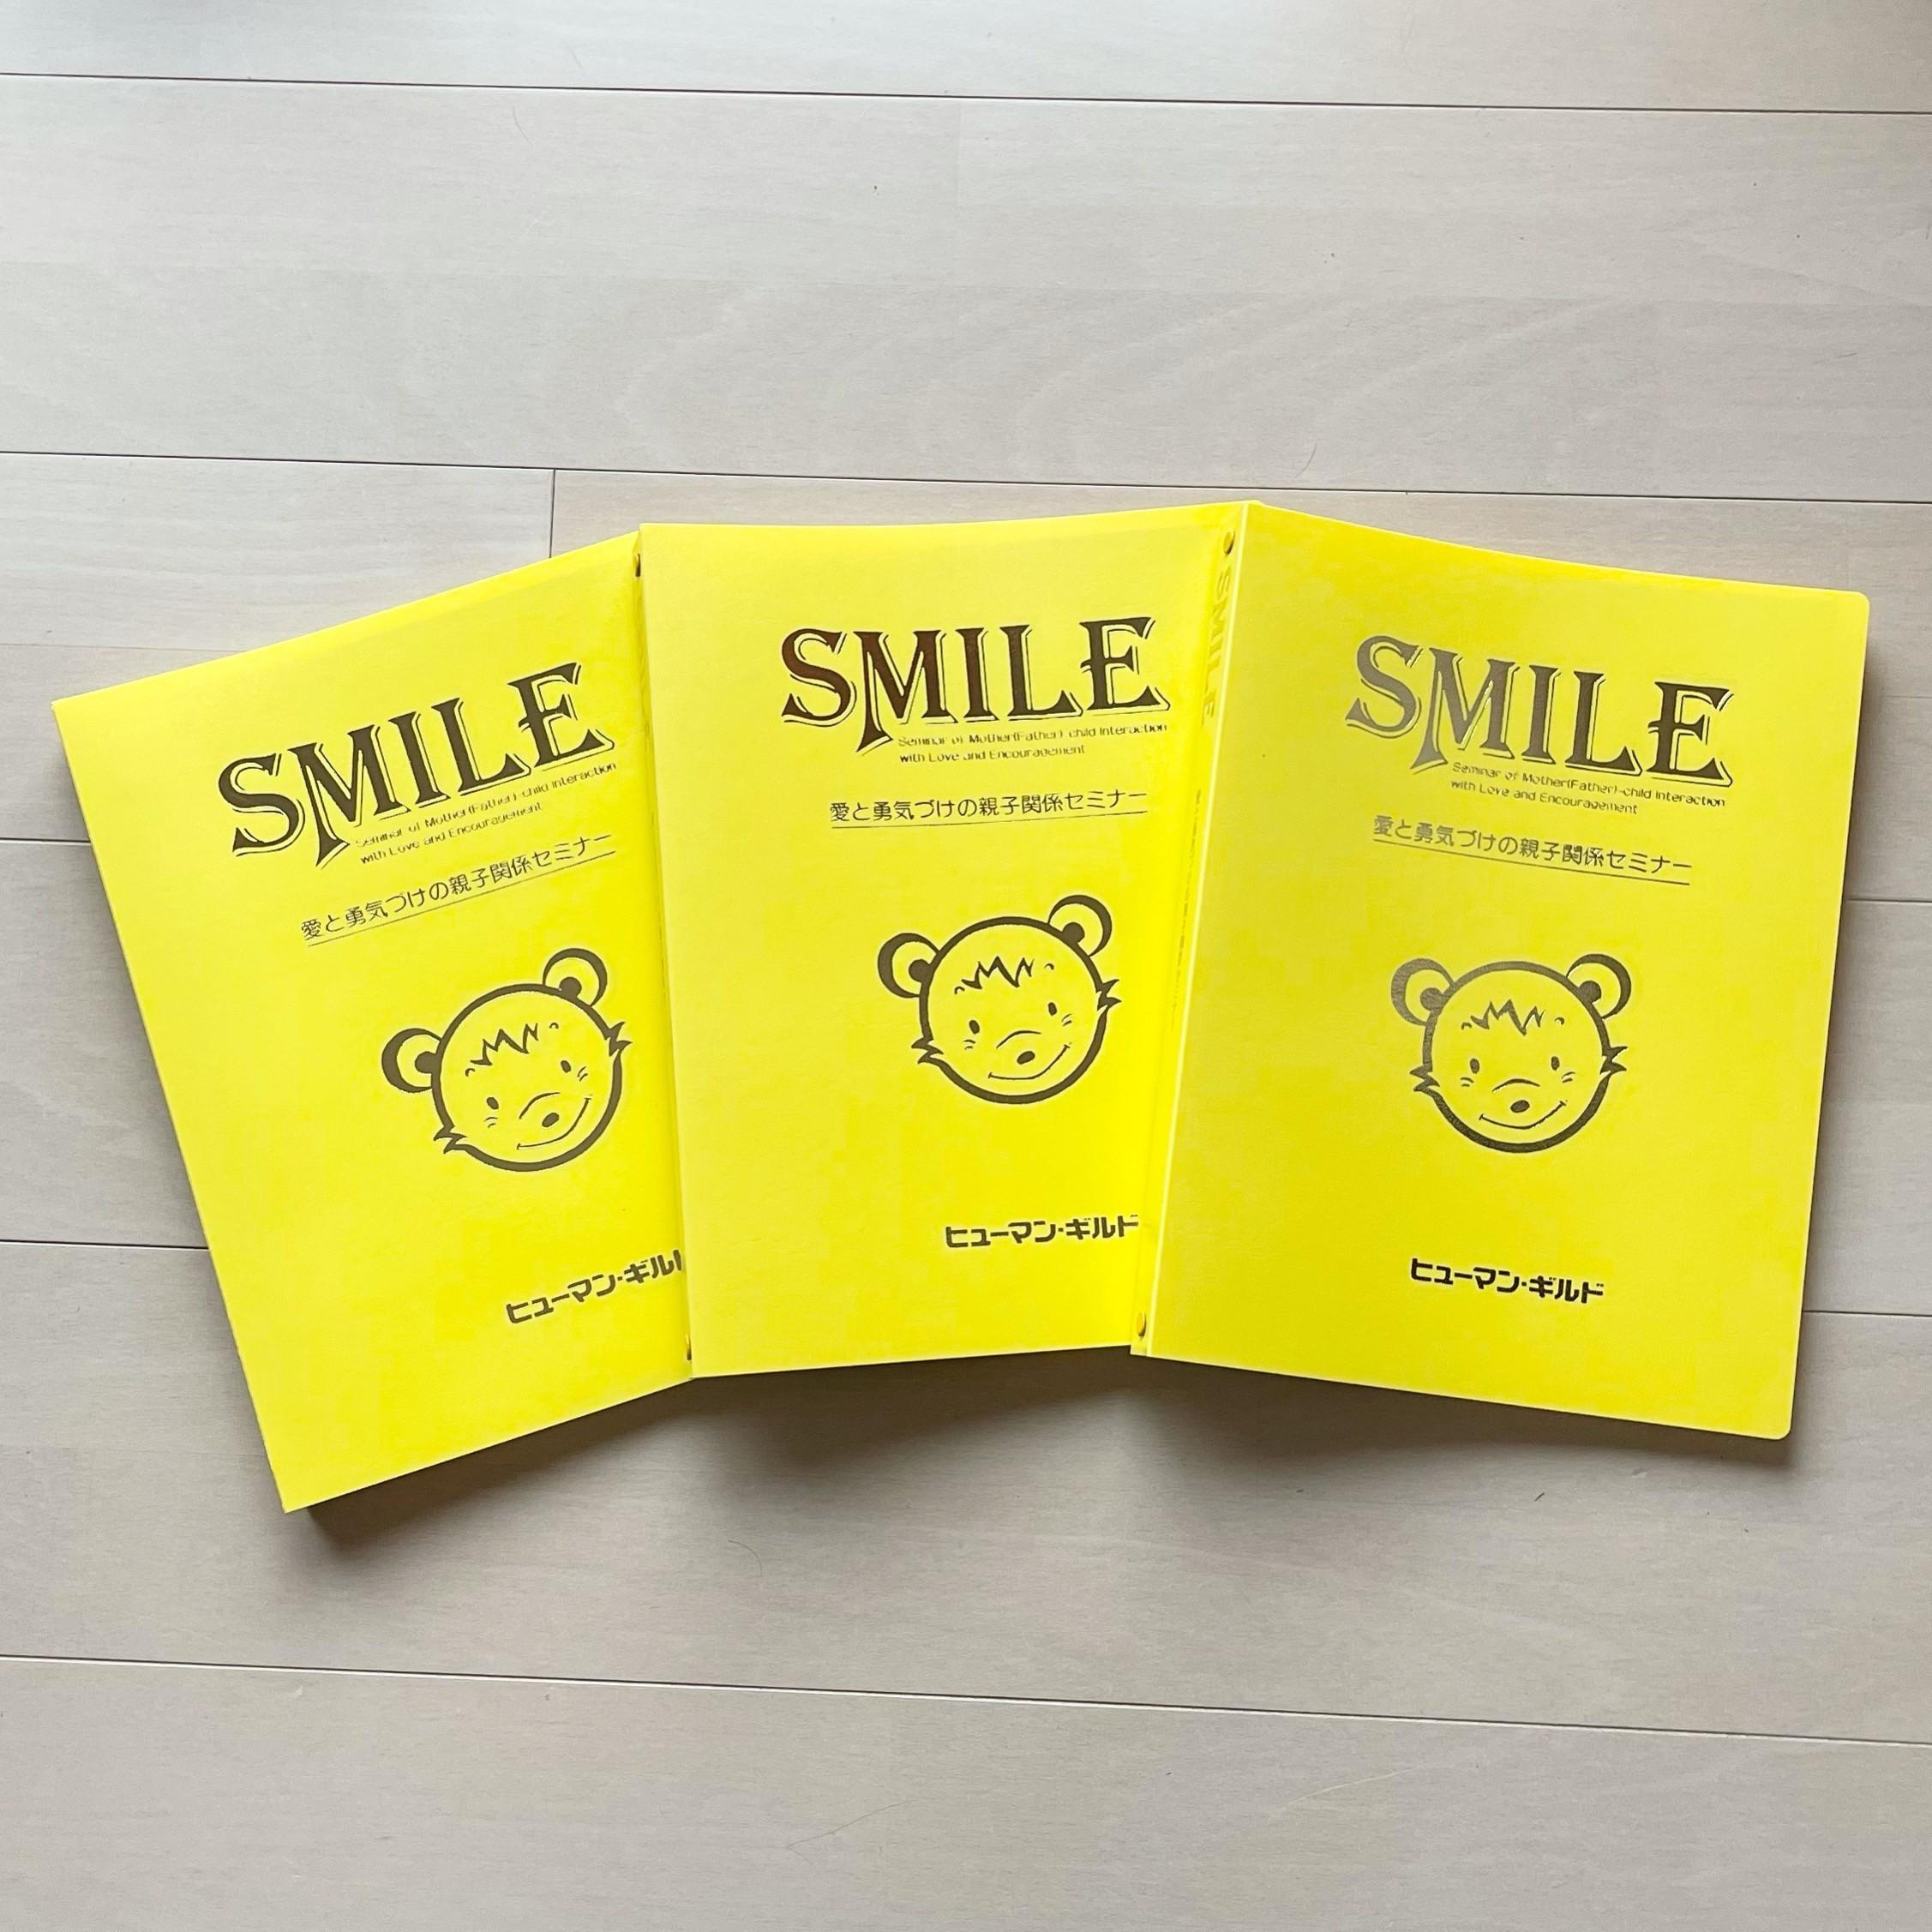 アドラー心理学『SMILE』開講決定っ!